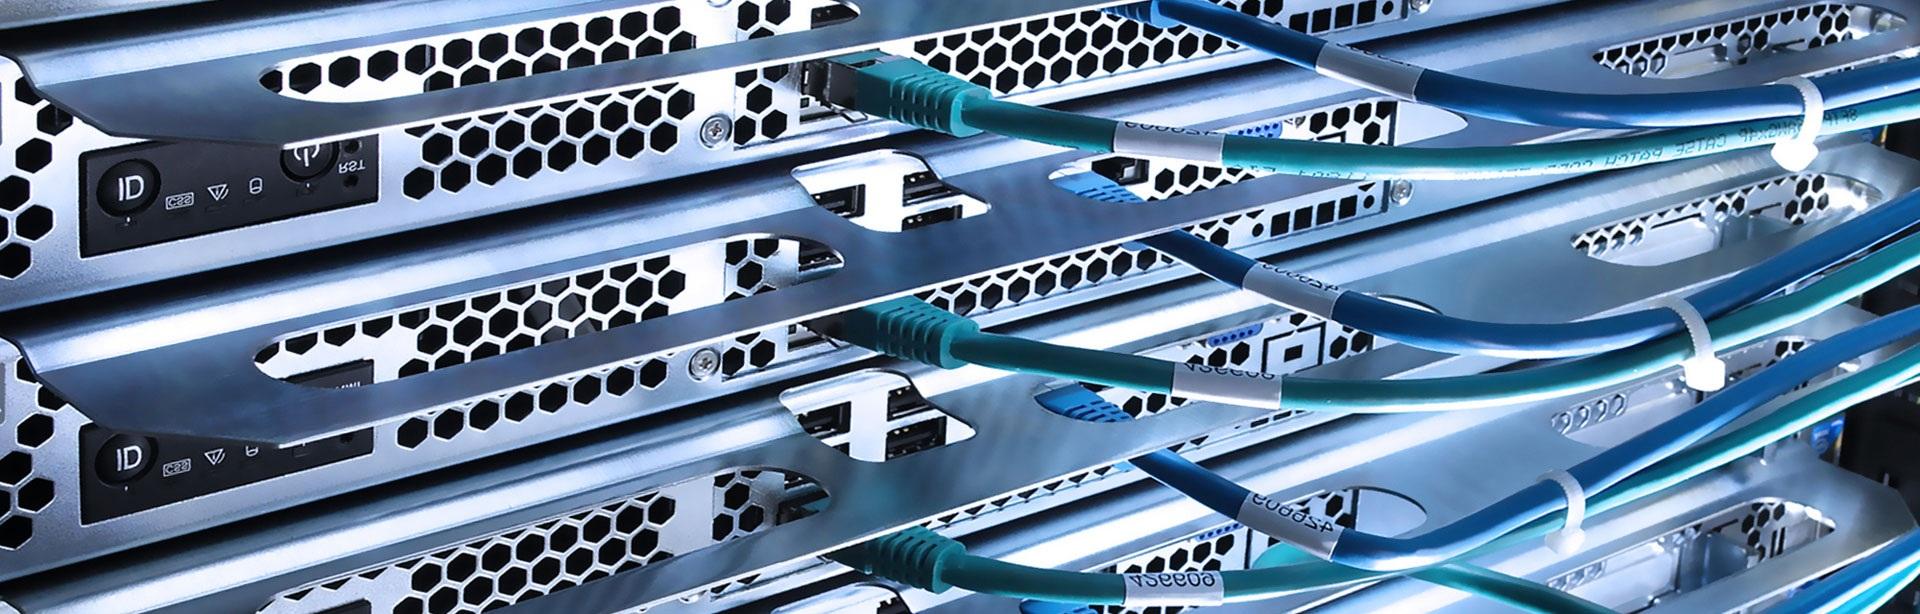 Port Allen Louisiana Preferred Voice & Data Network Cabling Provider